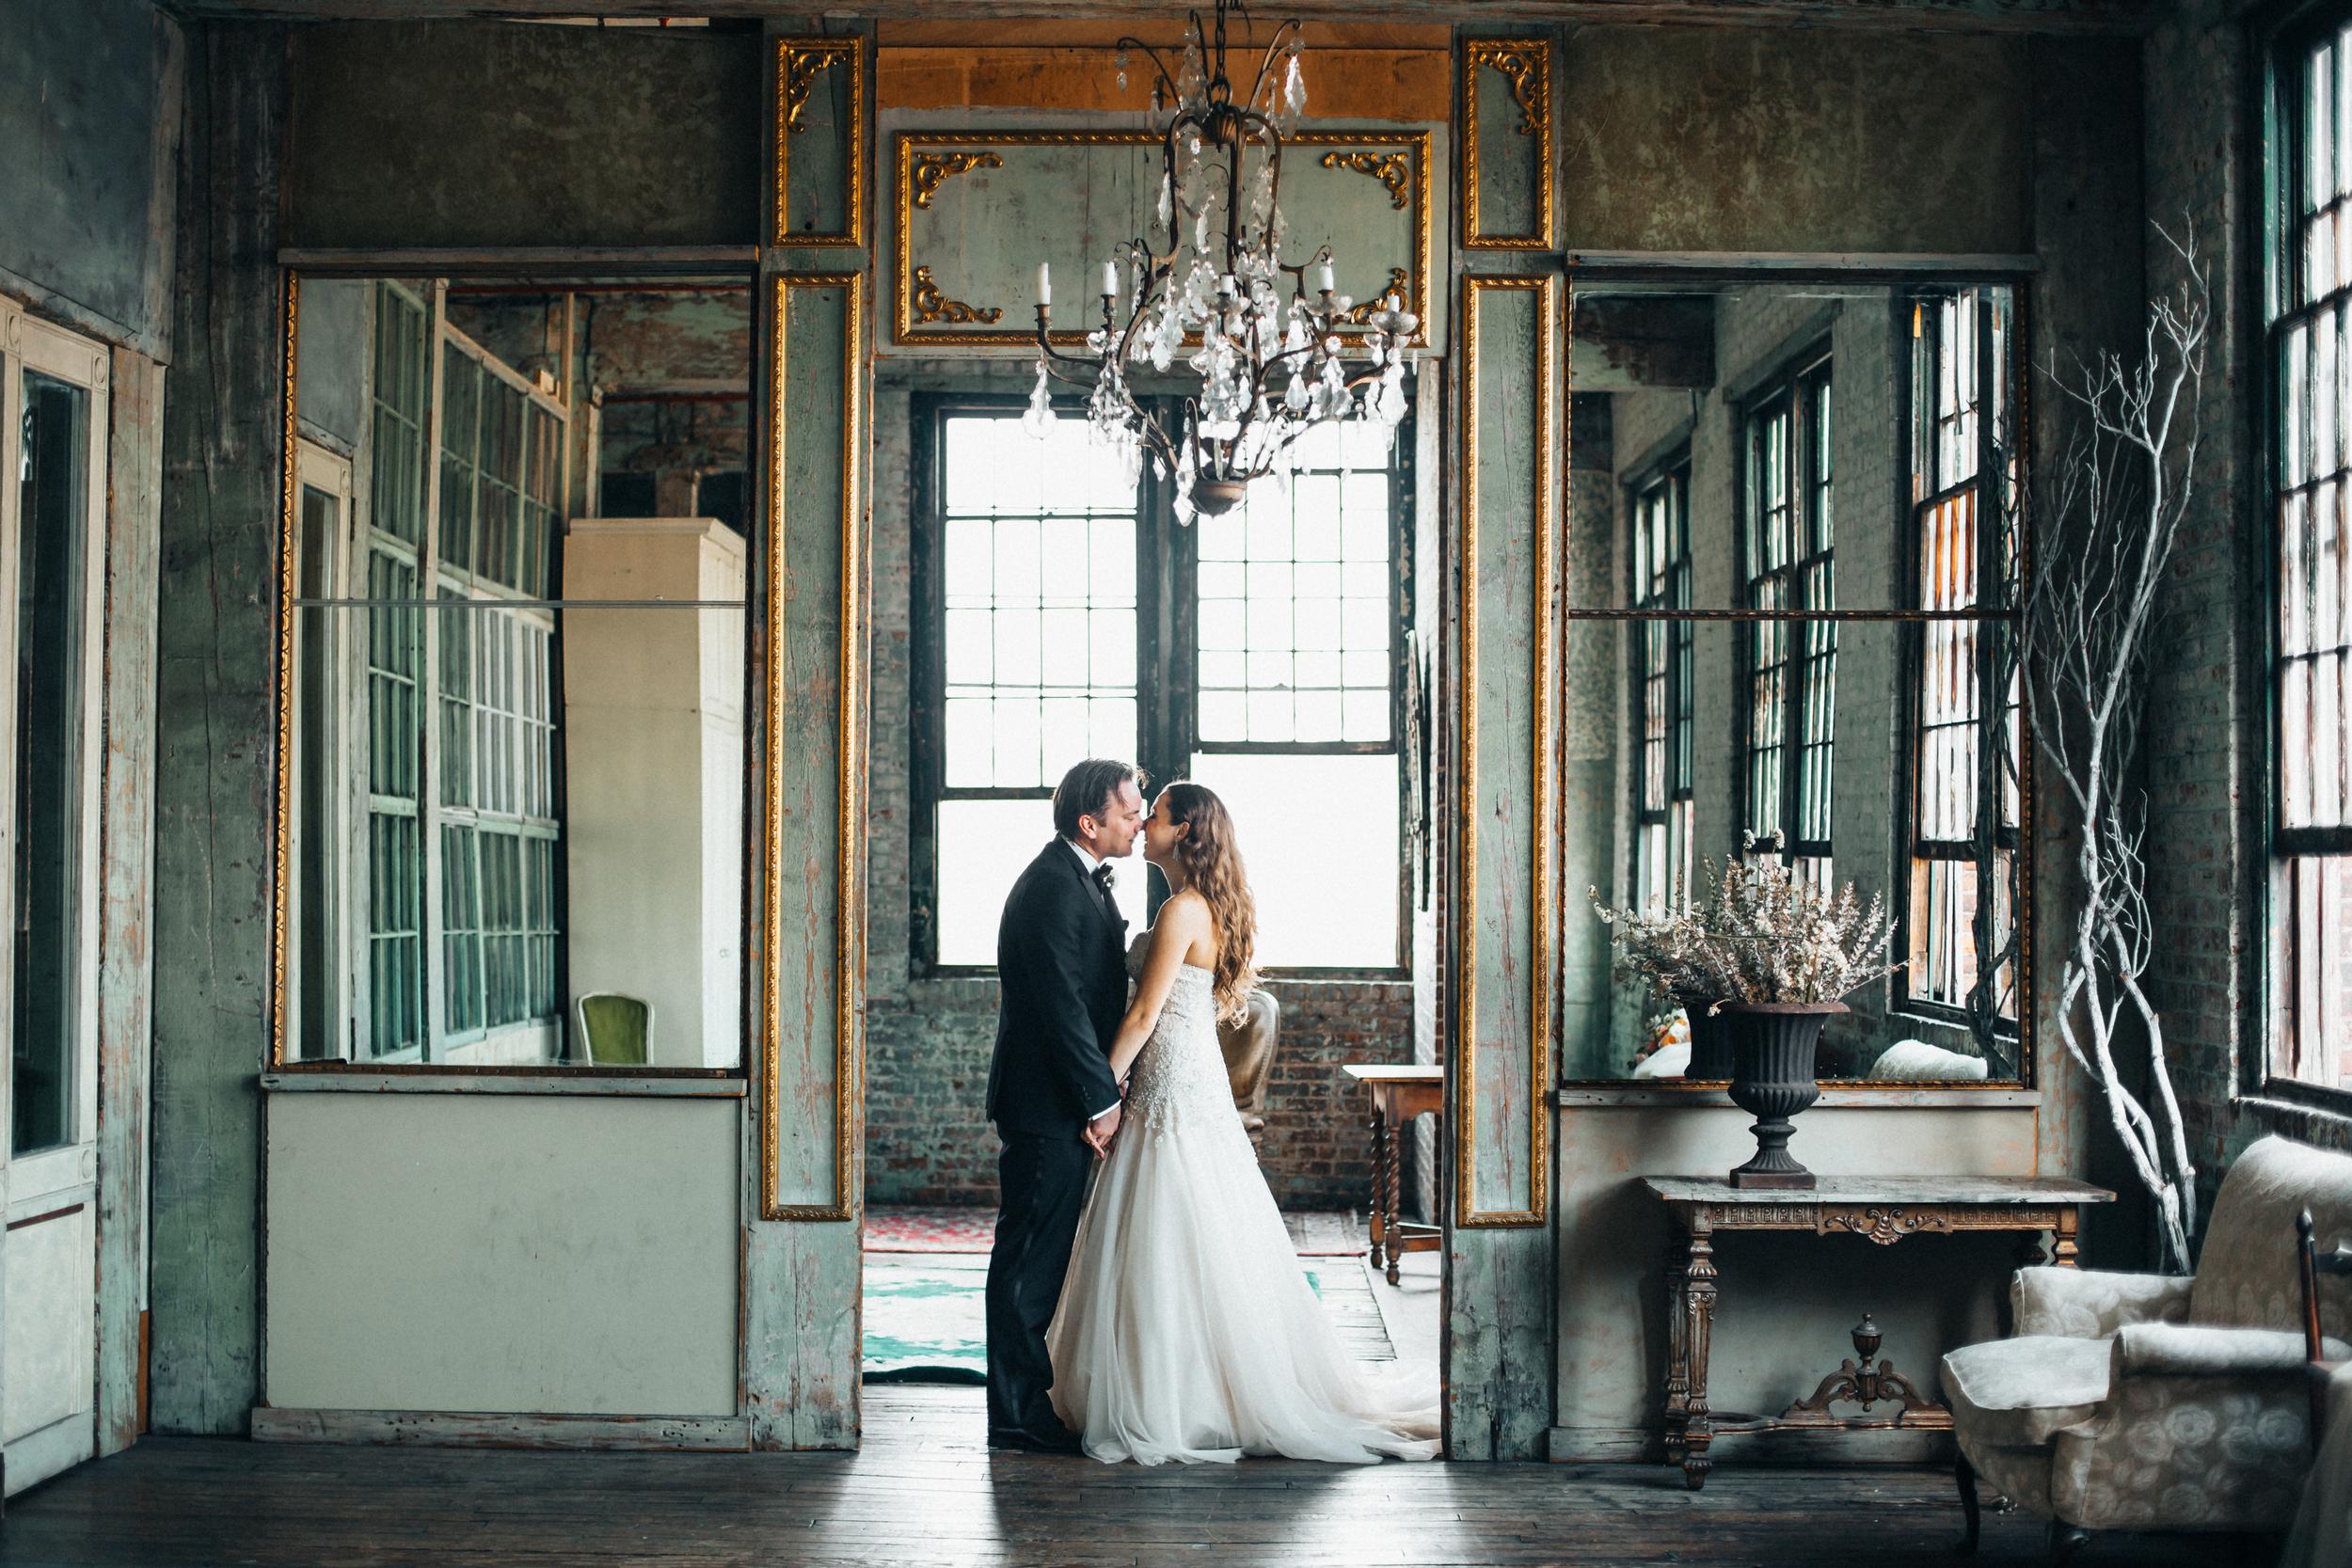 New York Wedding Photographer Boris Zaretsky Boris_Zaretsky_Photography__B2C4977 copy.jpg